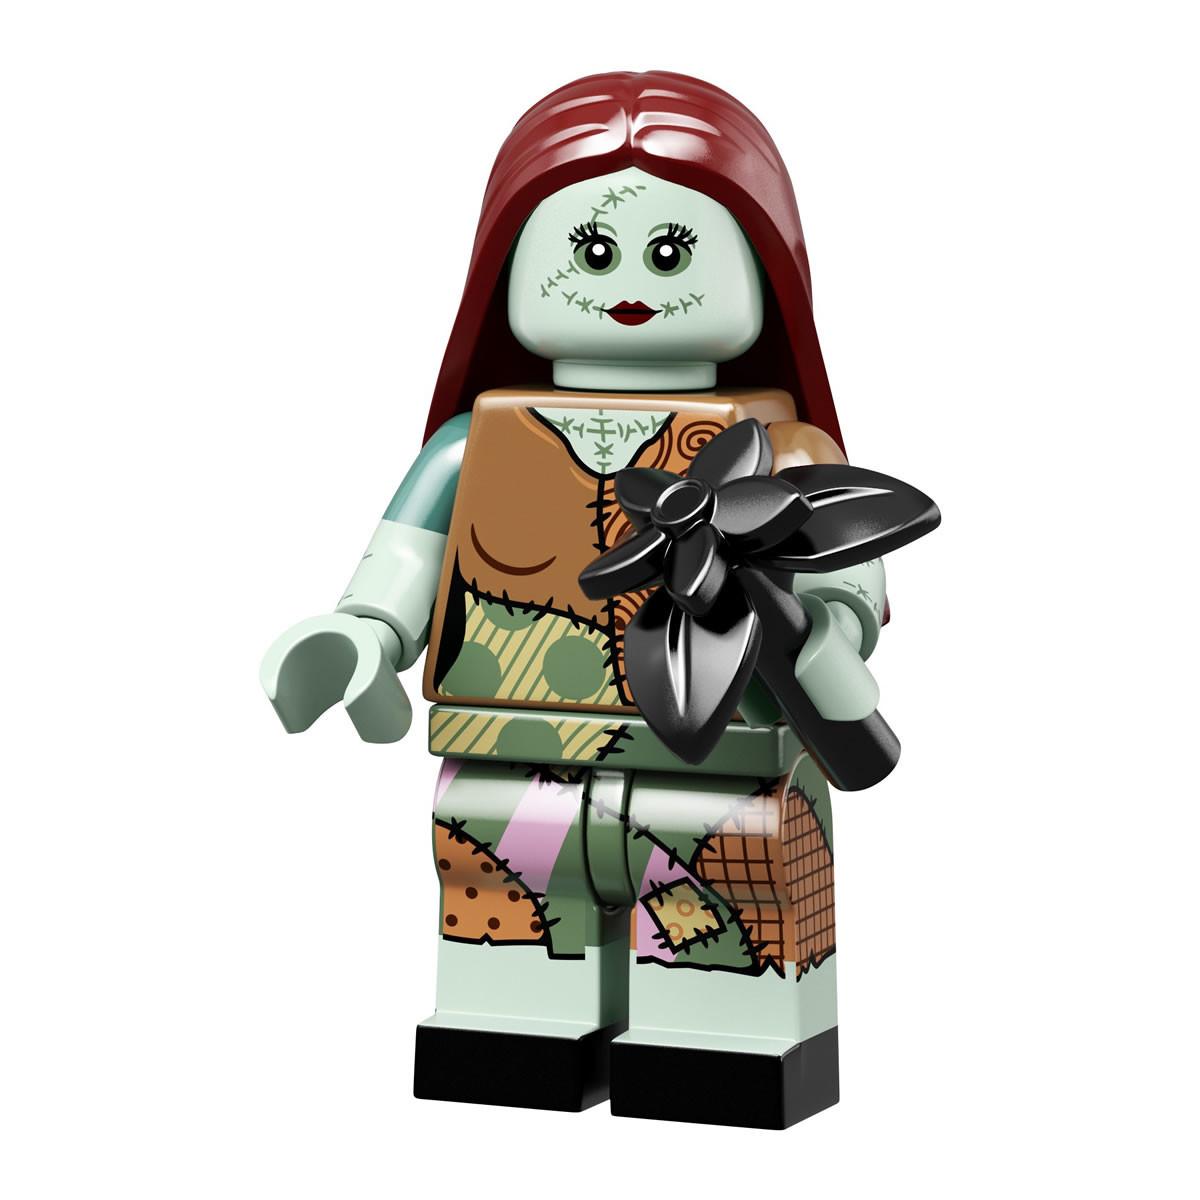 Sally - LEGO Minifigures Disney Series 2 set 71024